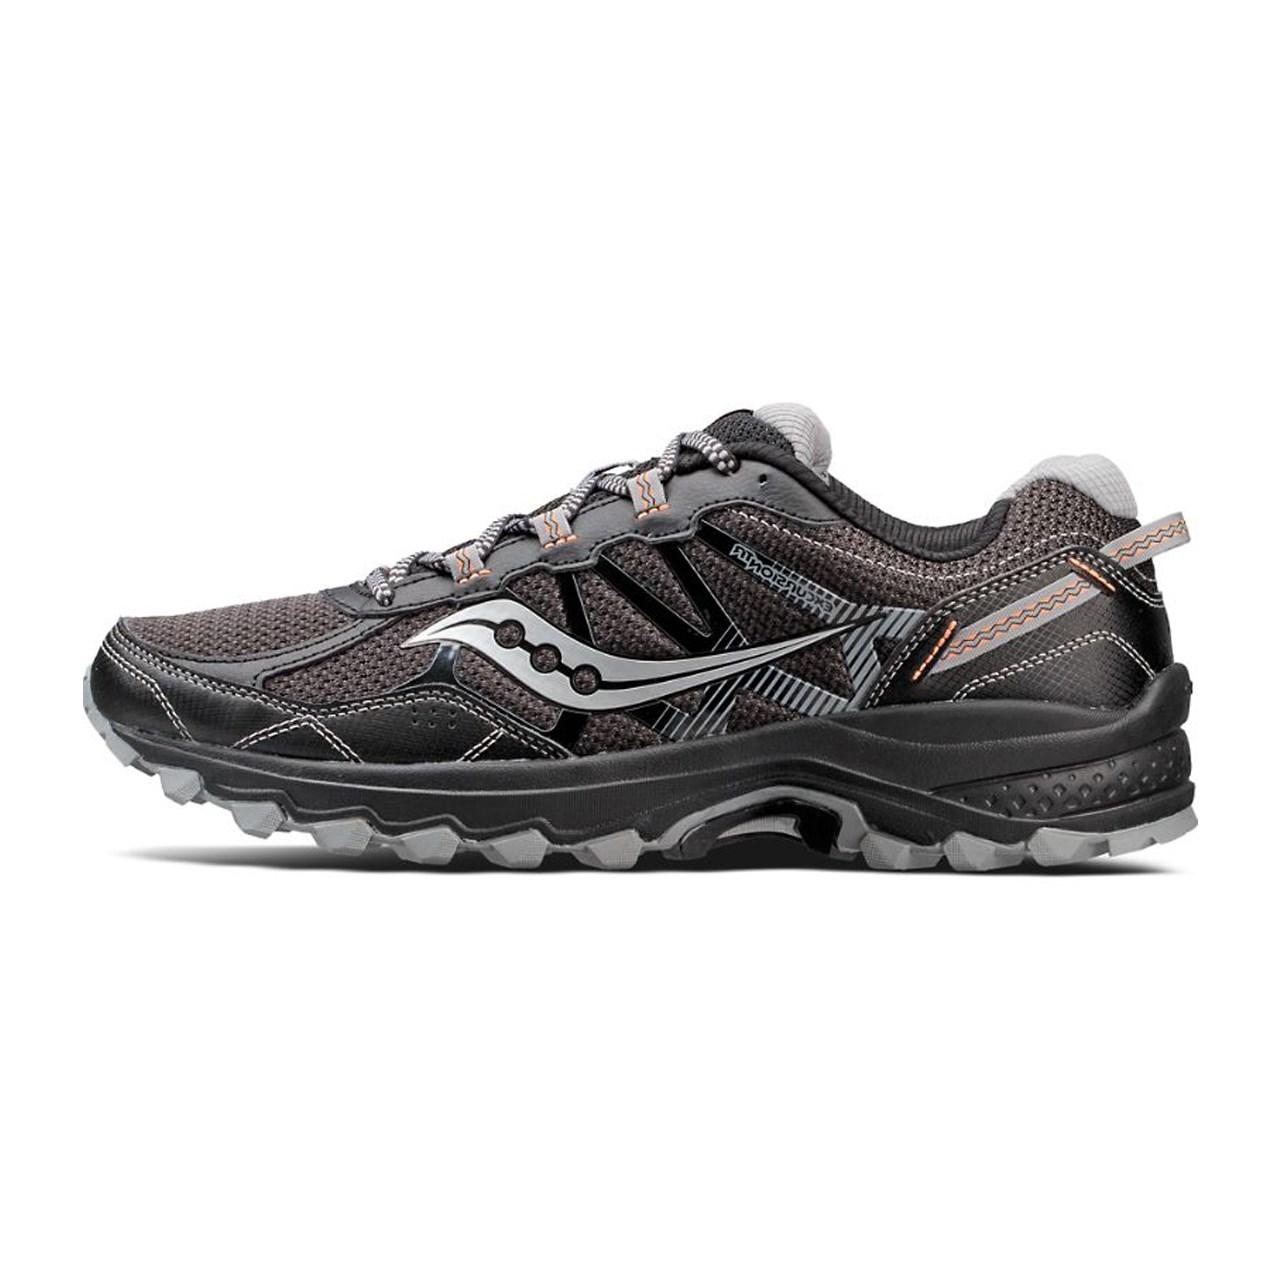 کفش مخصوص دویدن مردانه ساکنی مدل Excursion TR11 کد S20392-2